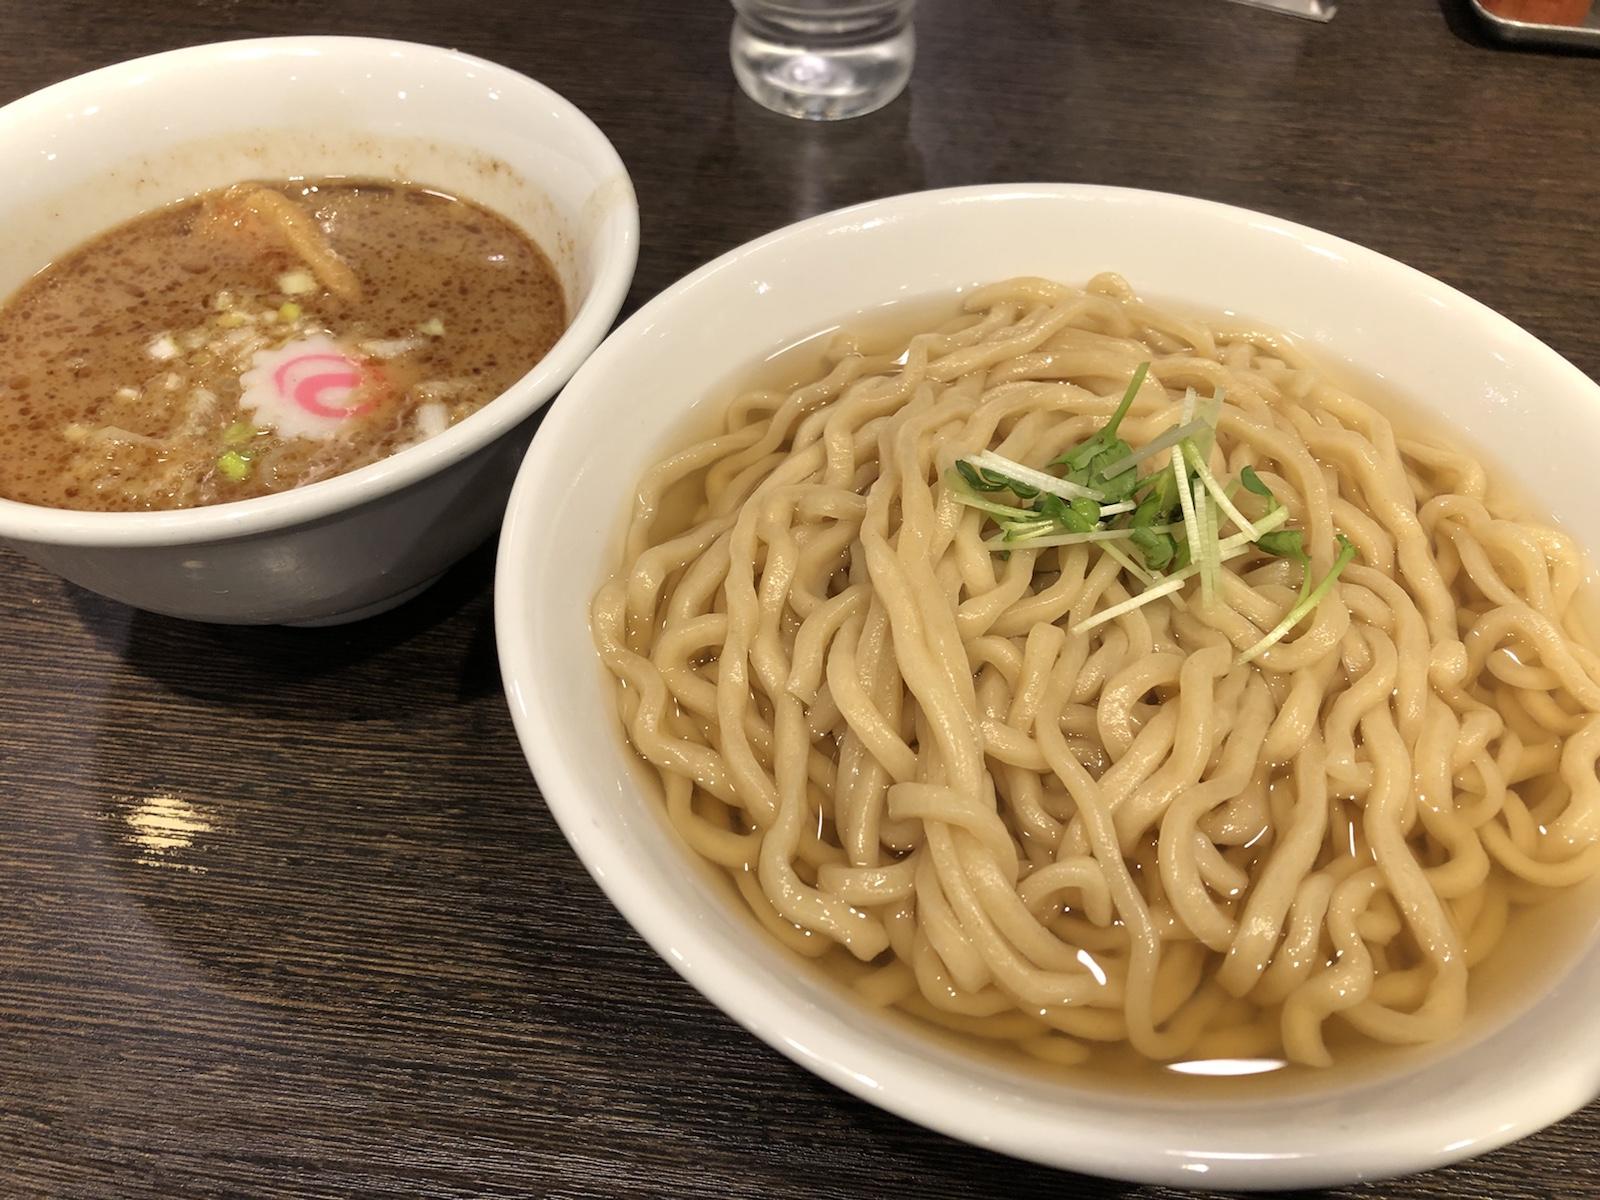 こだわりのつけ麺をあつもりで!「つけめんTETSU」六本木ヒルズ店